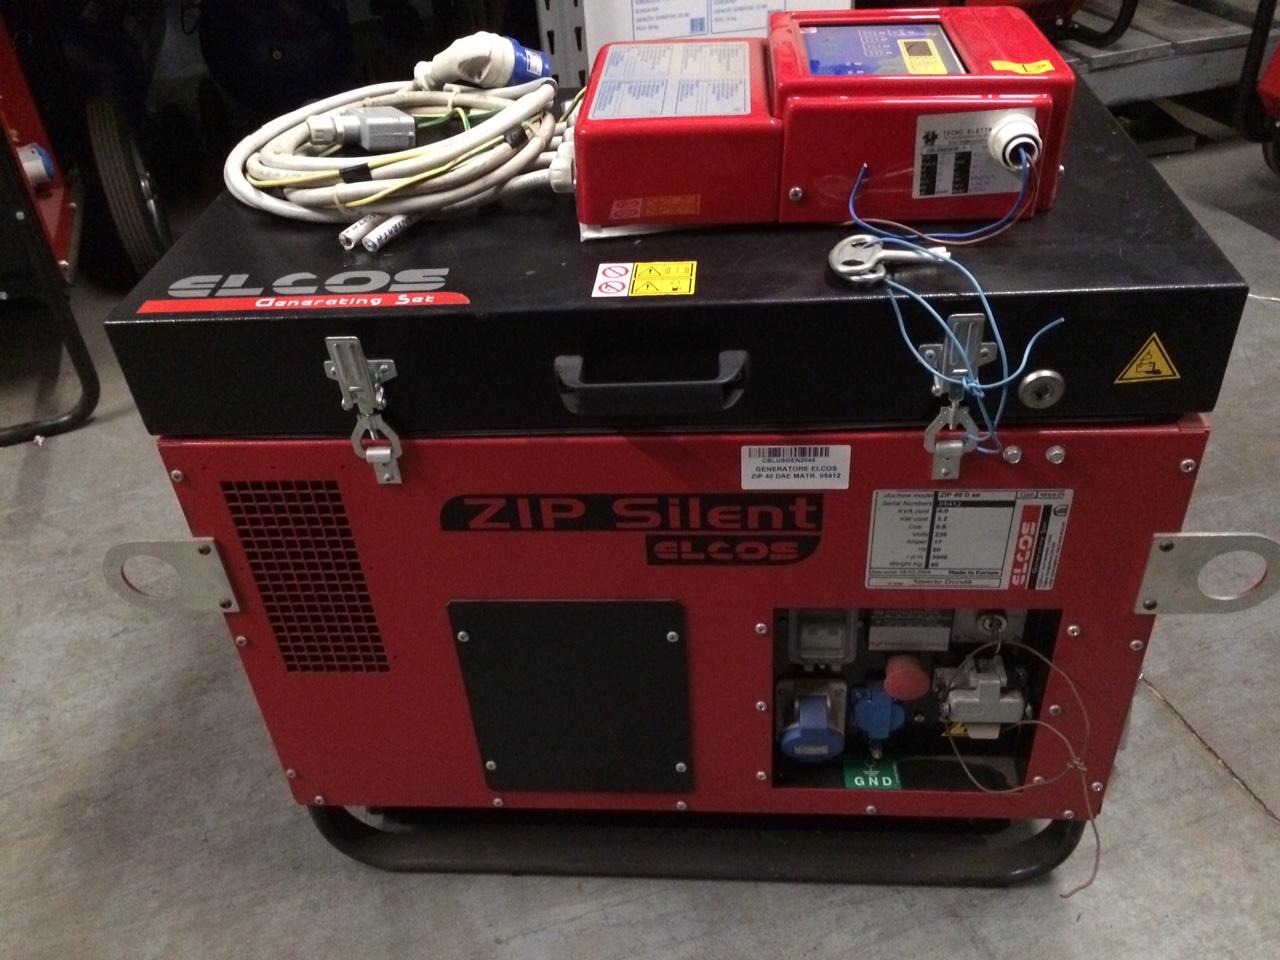 Gruppo elettrogeno usato elco zip40 d usato cbl utensileria for Generatore di corrente diesel usato